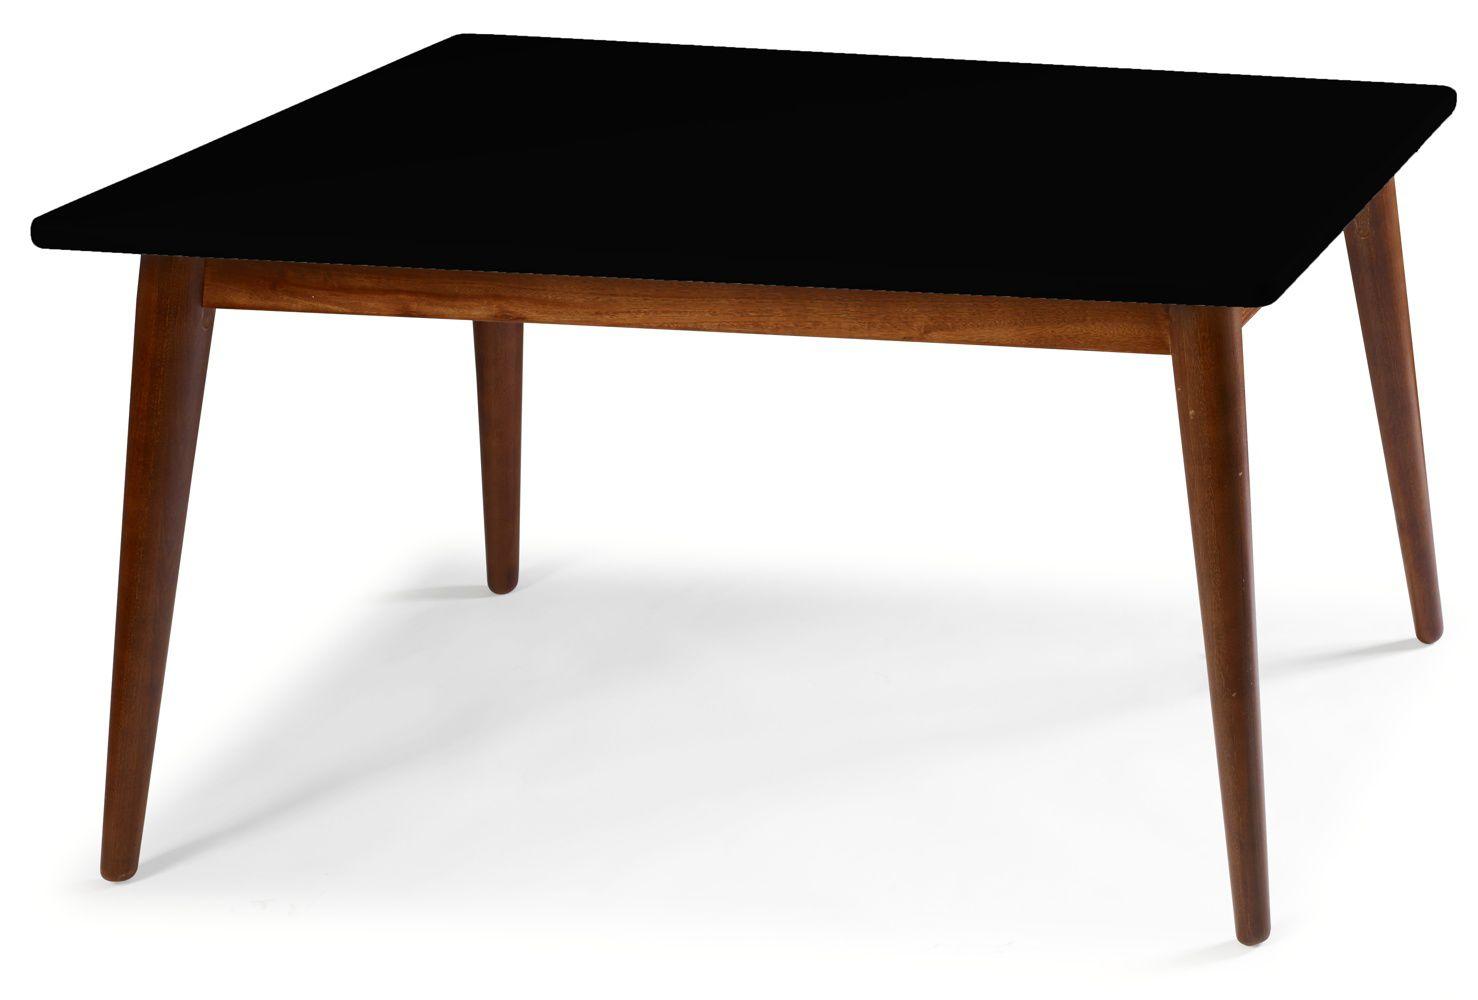 Mesa de Jantar Novita - Tamanho (0,90 x 200cm)